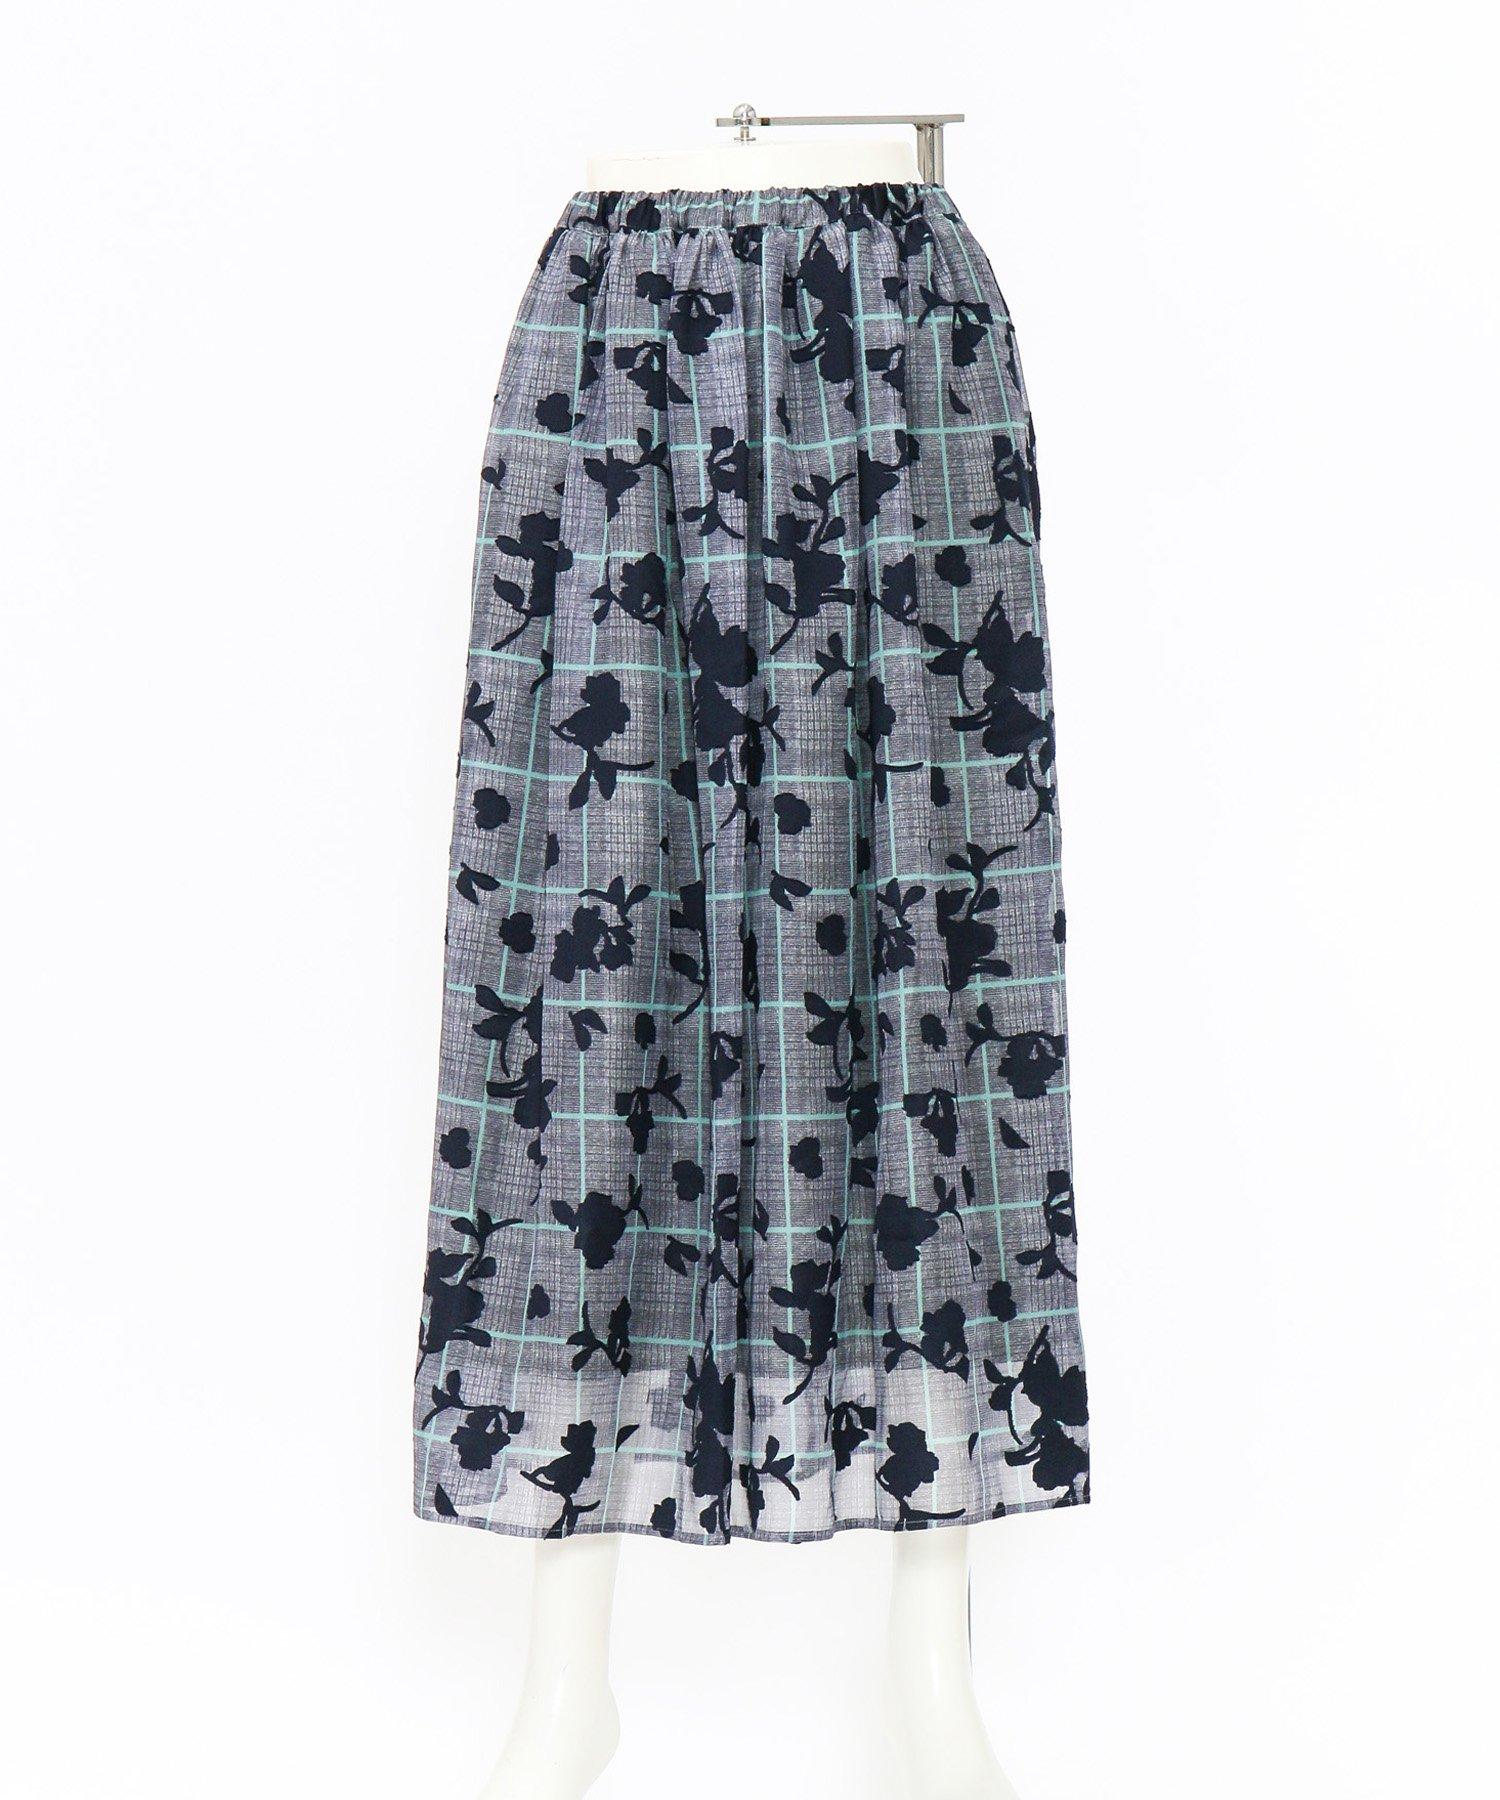 超絶技巧Setスカート